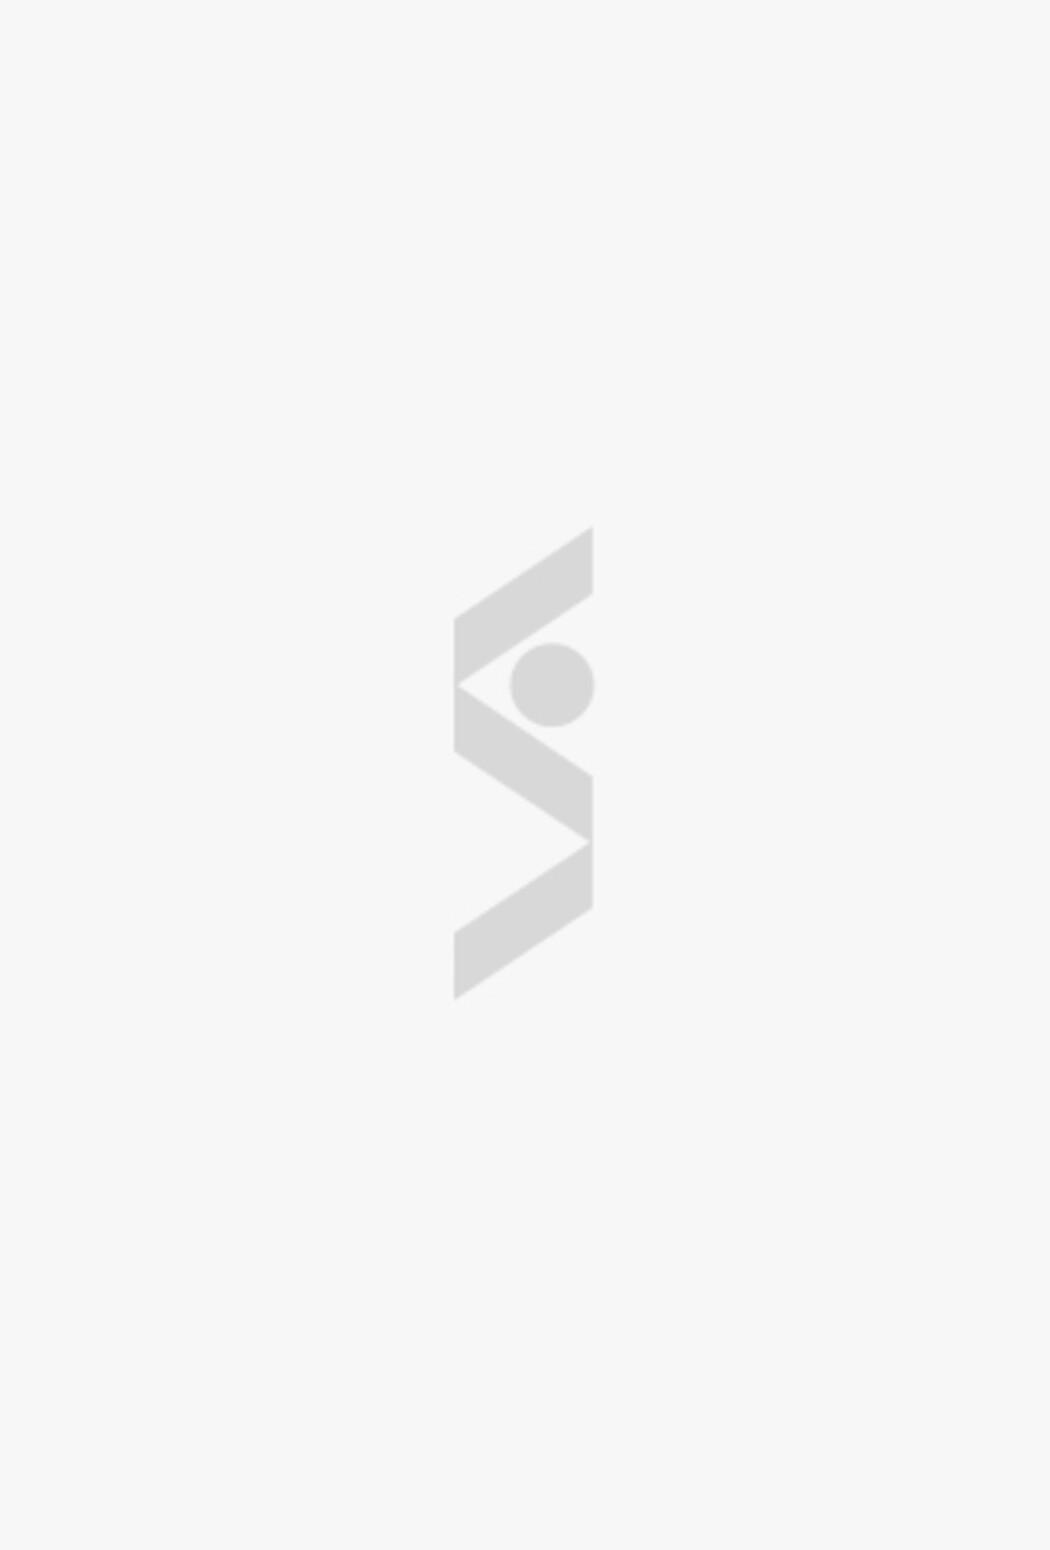 Варежки из шерсти ROECKL - цена 5290 ₽ купить в интернет-магазине СТОКМАНН в Москве